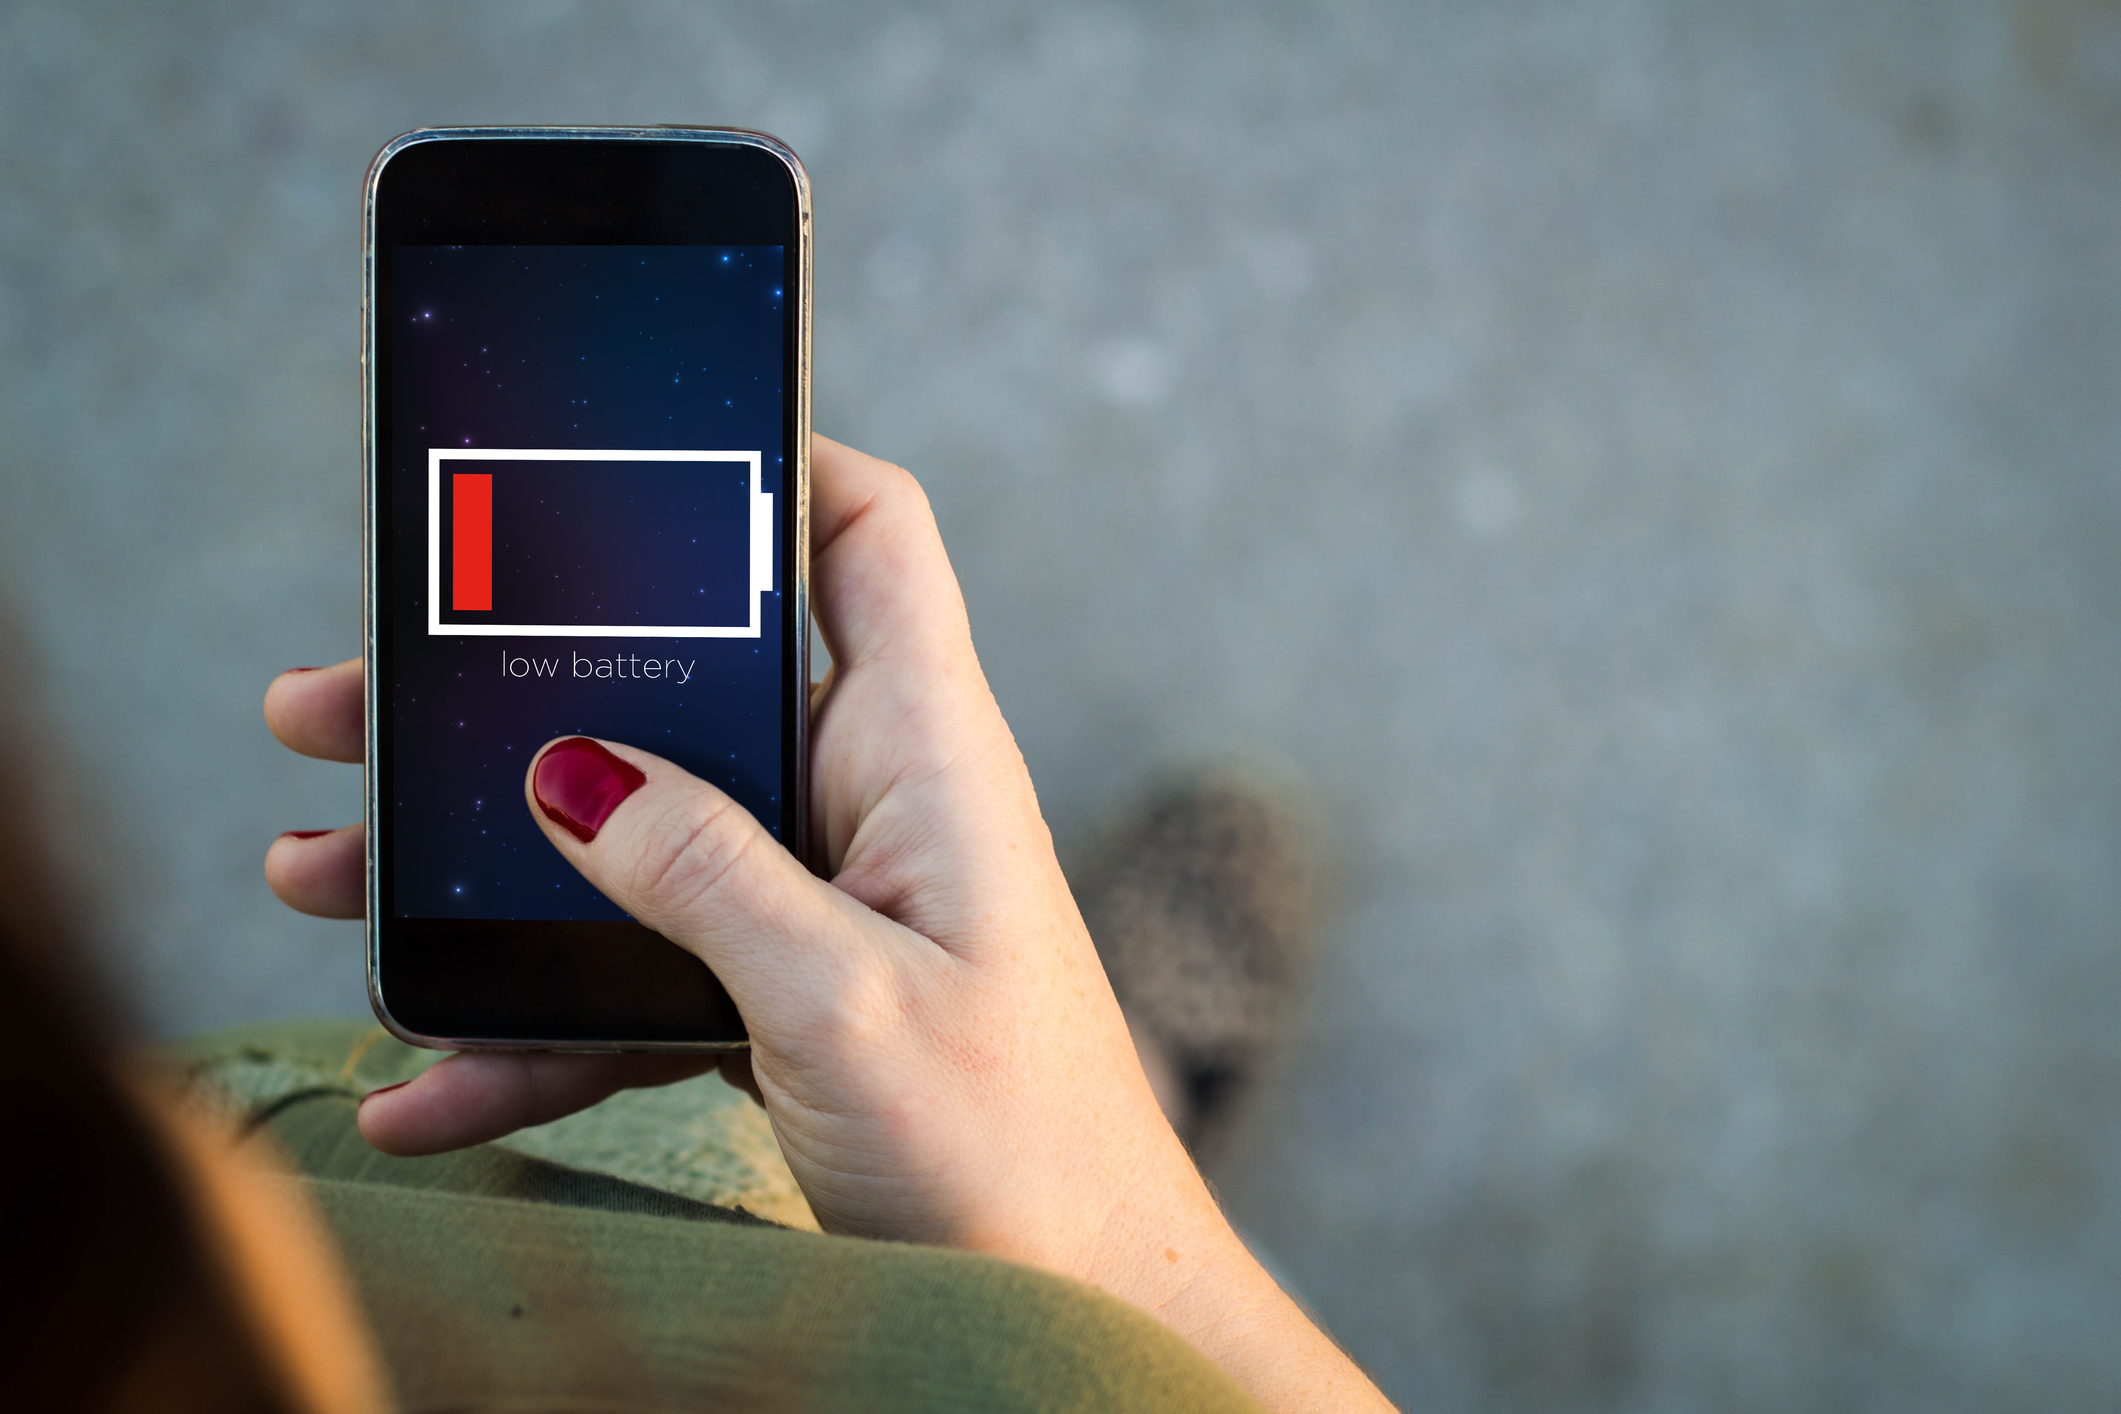 Woman Walking Smartphone Low Battery